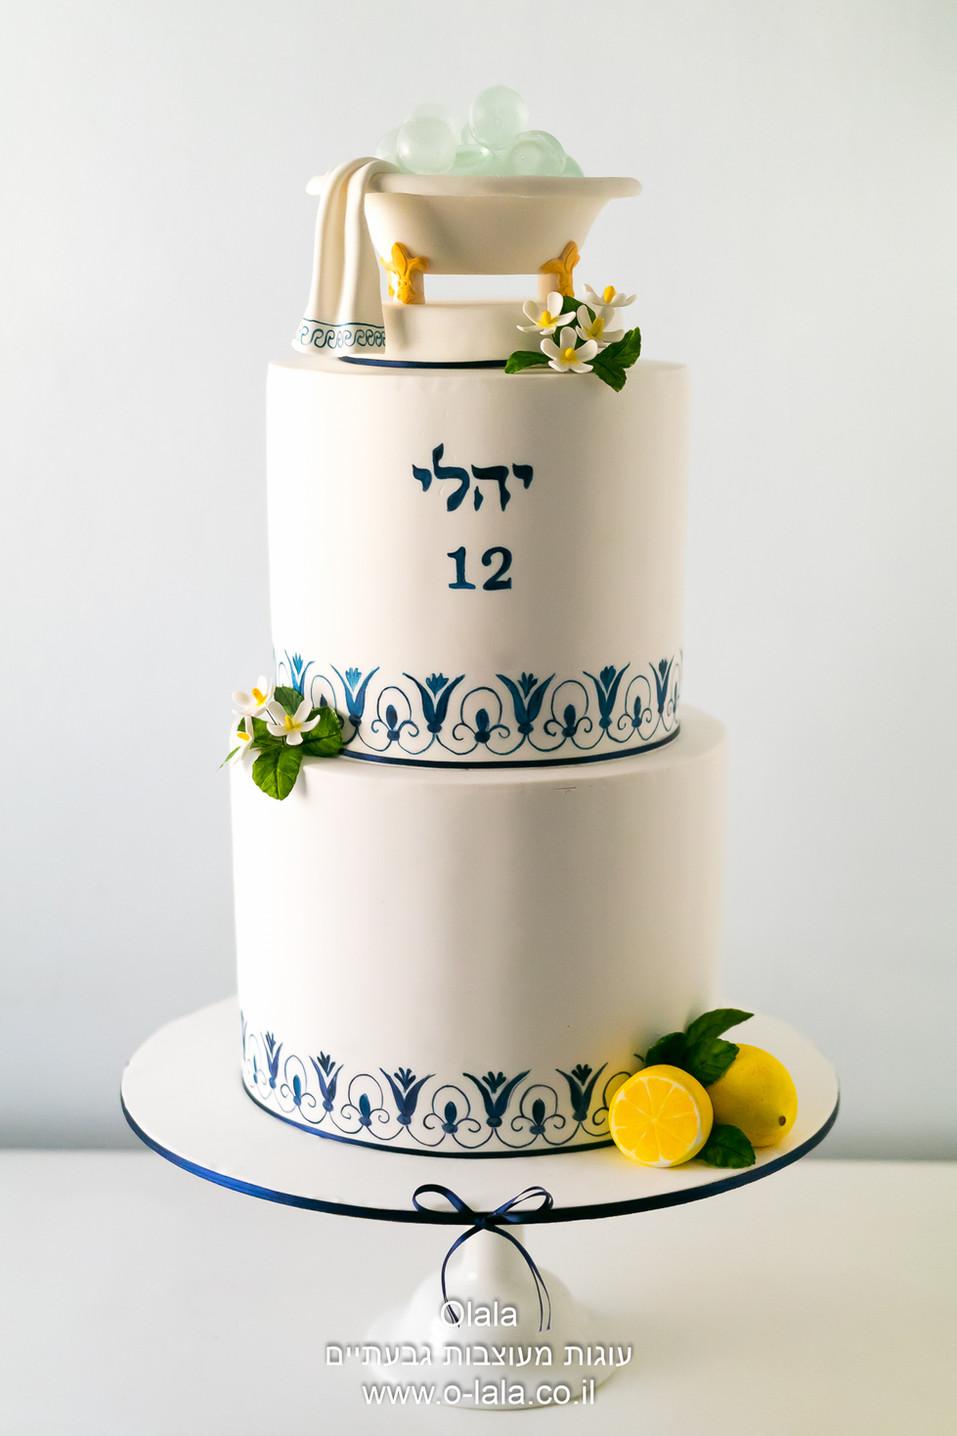 עוגת בת מצווה בסגנון יווני